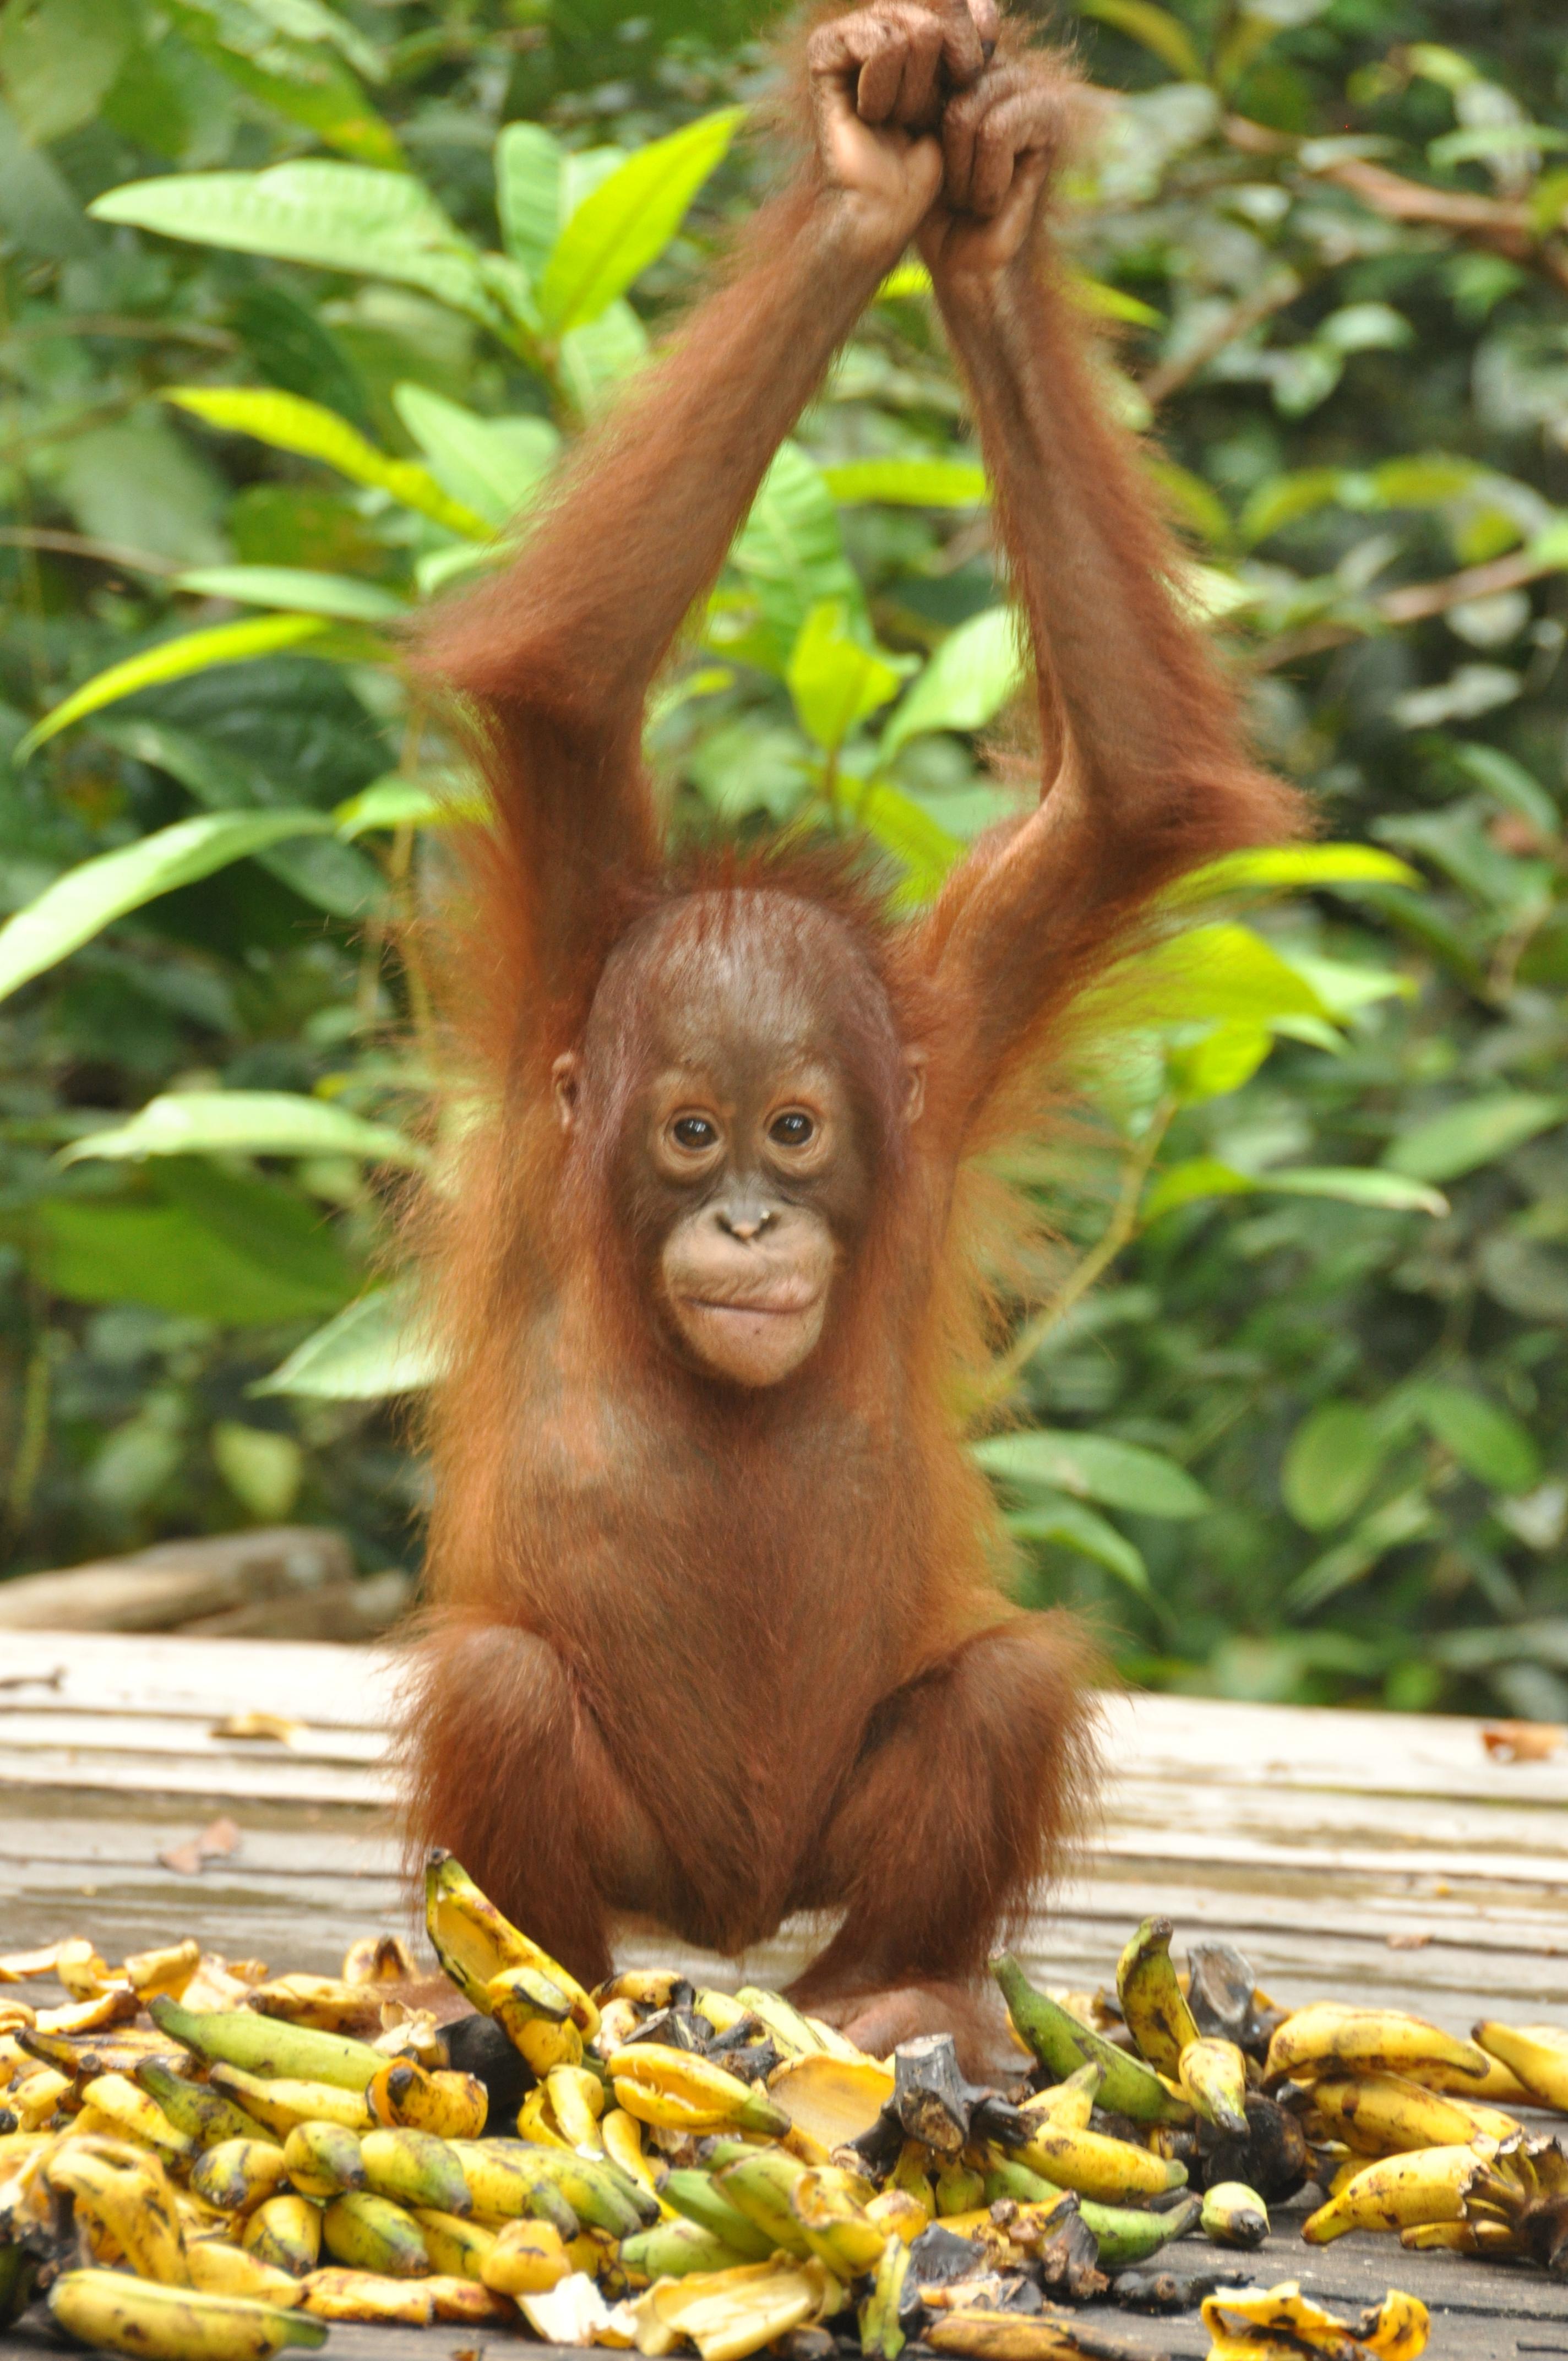 Orangutan Triptoes